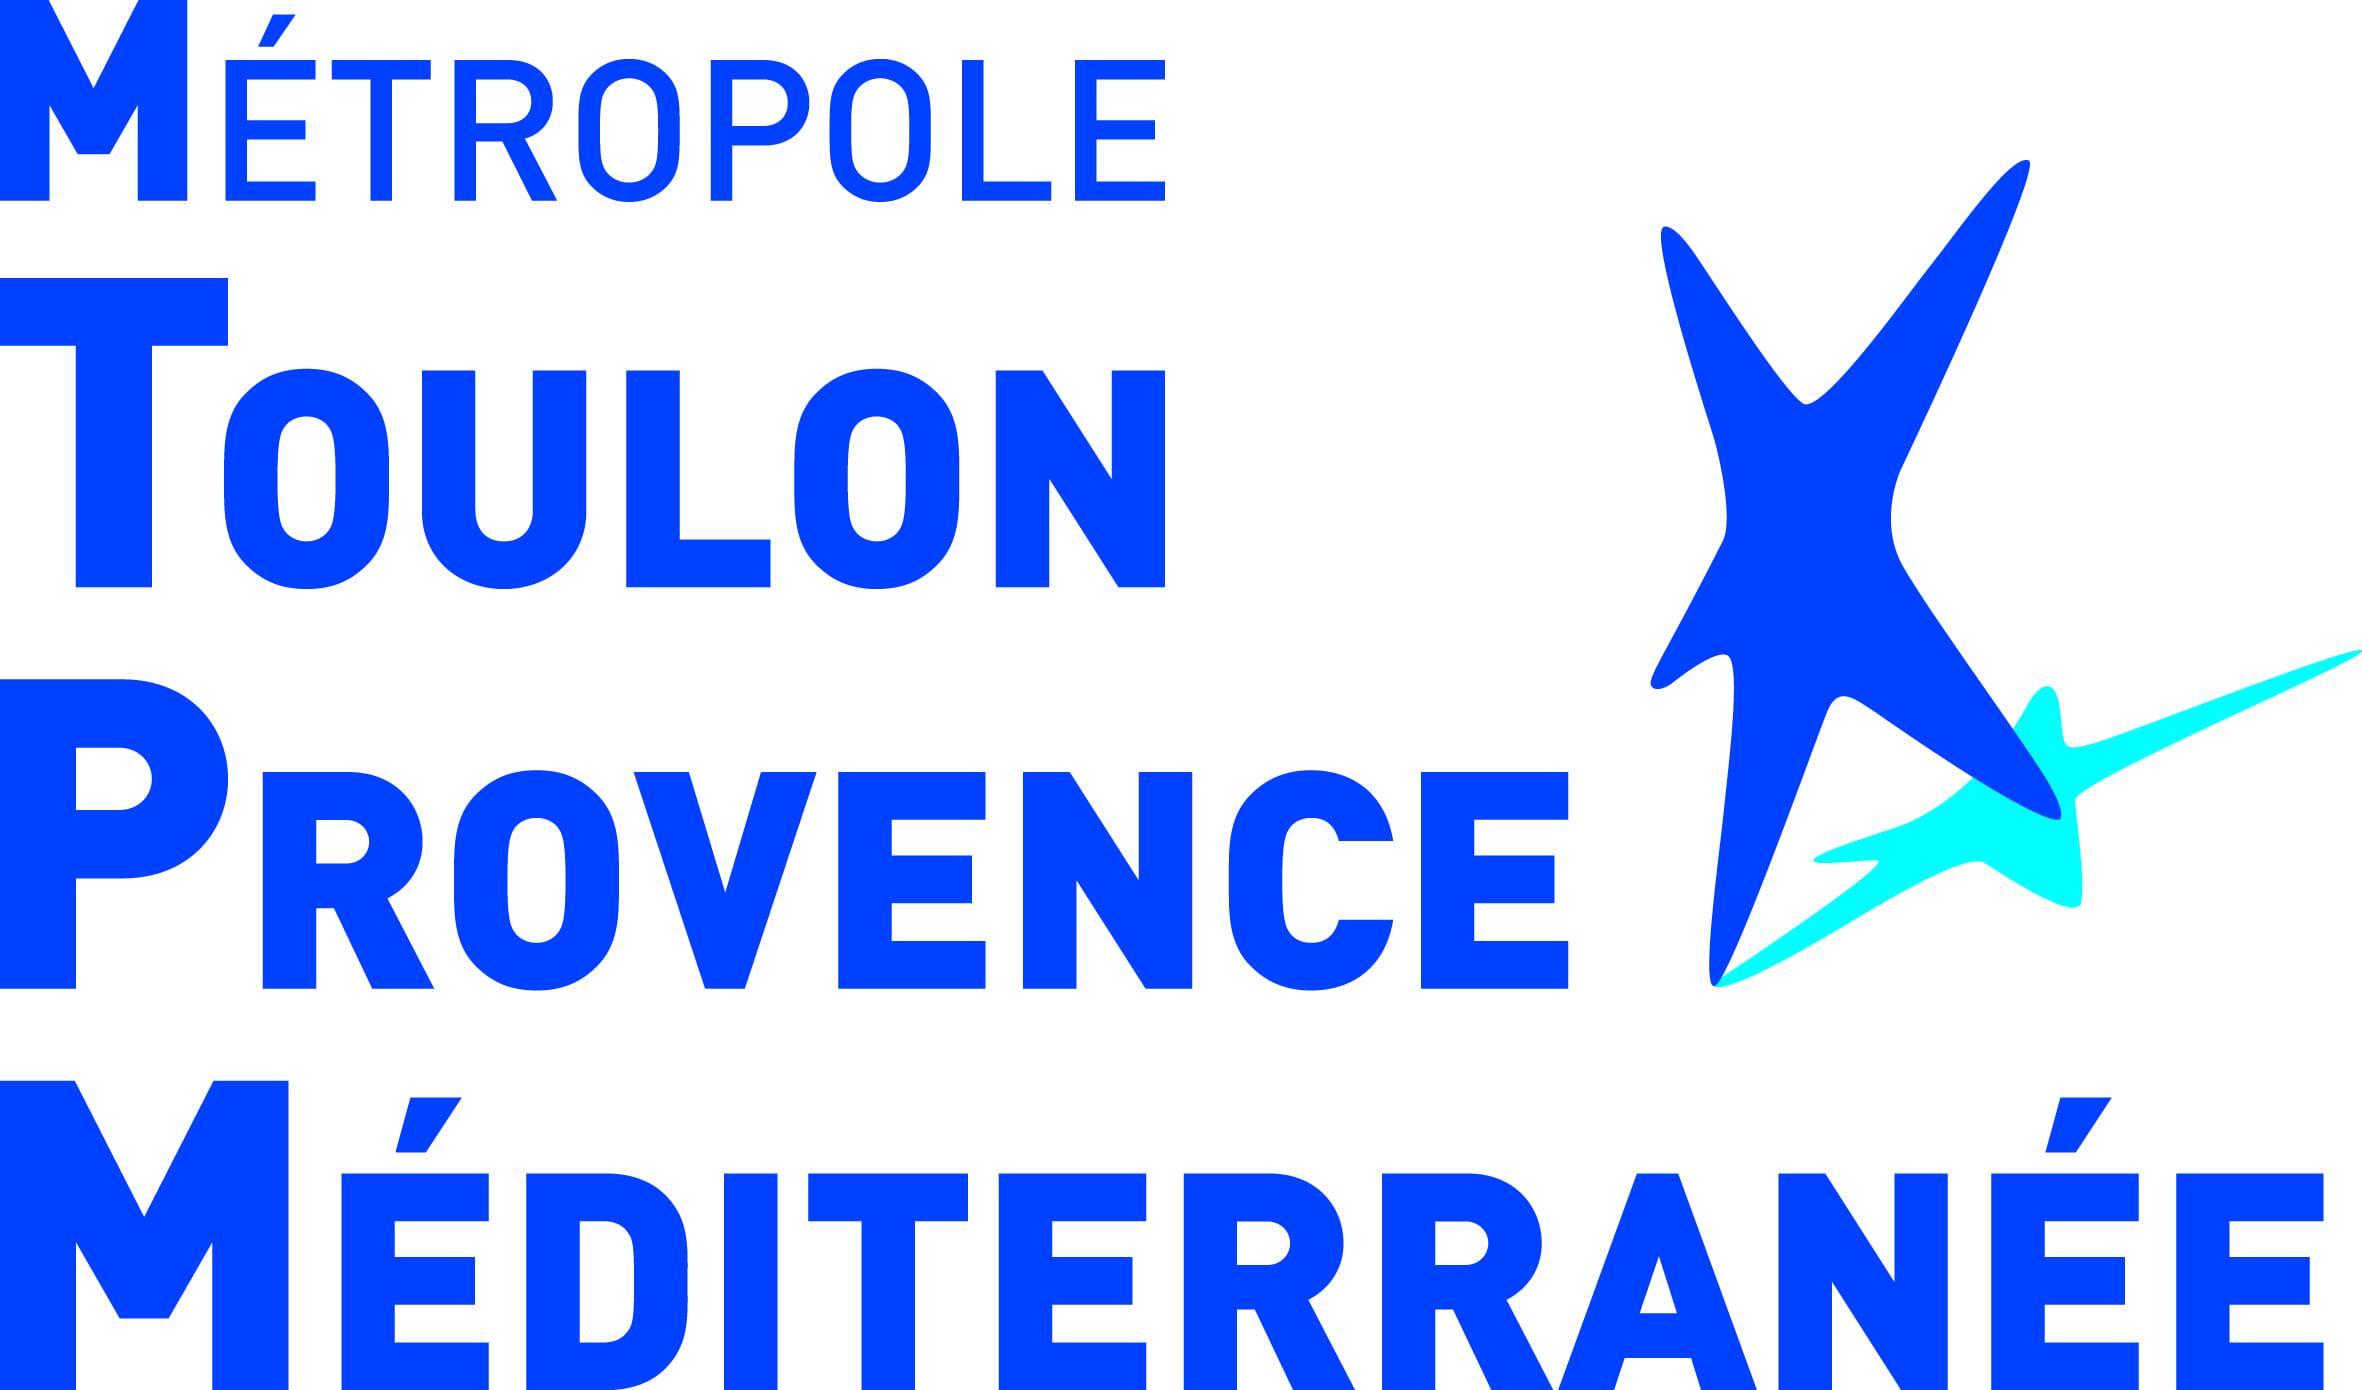 Logo tpm m tropole 3l mairie de saint mandrier sur mer for Mairie de salon de provence etat civil